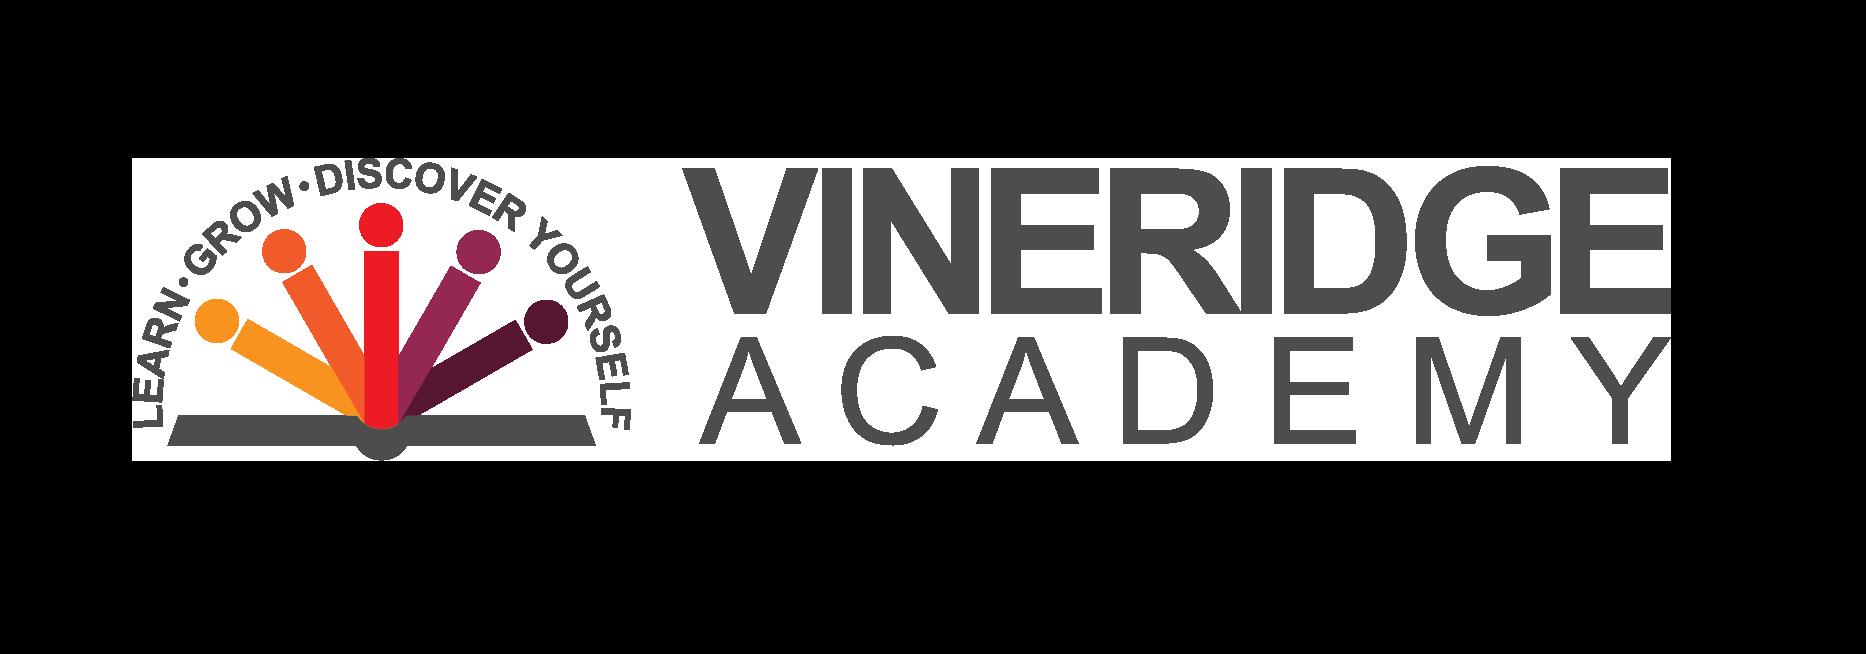 Vineridge Academy